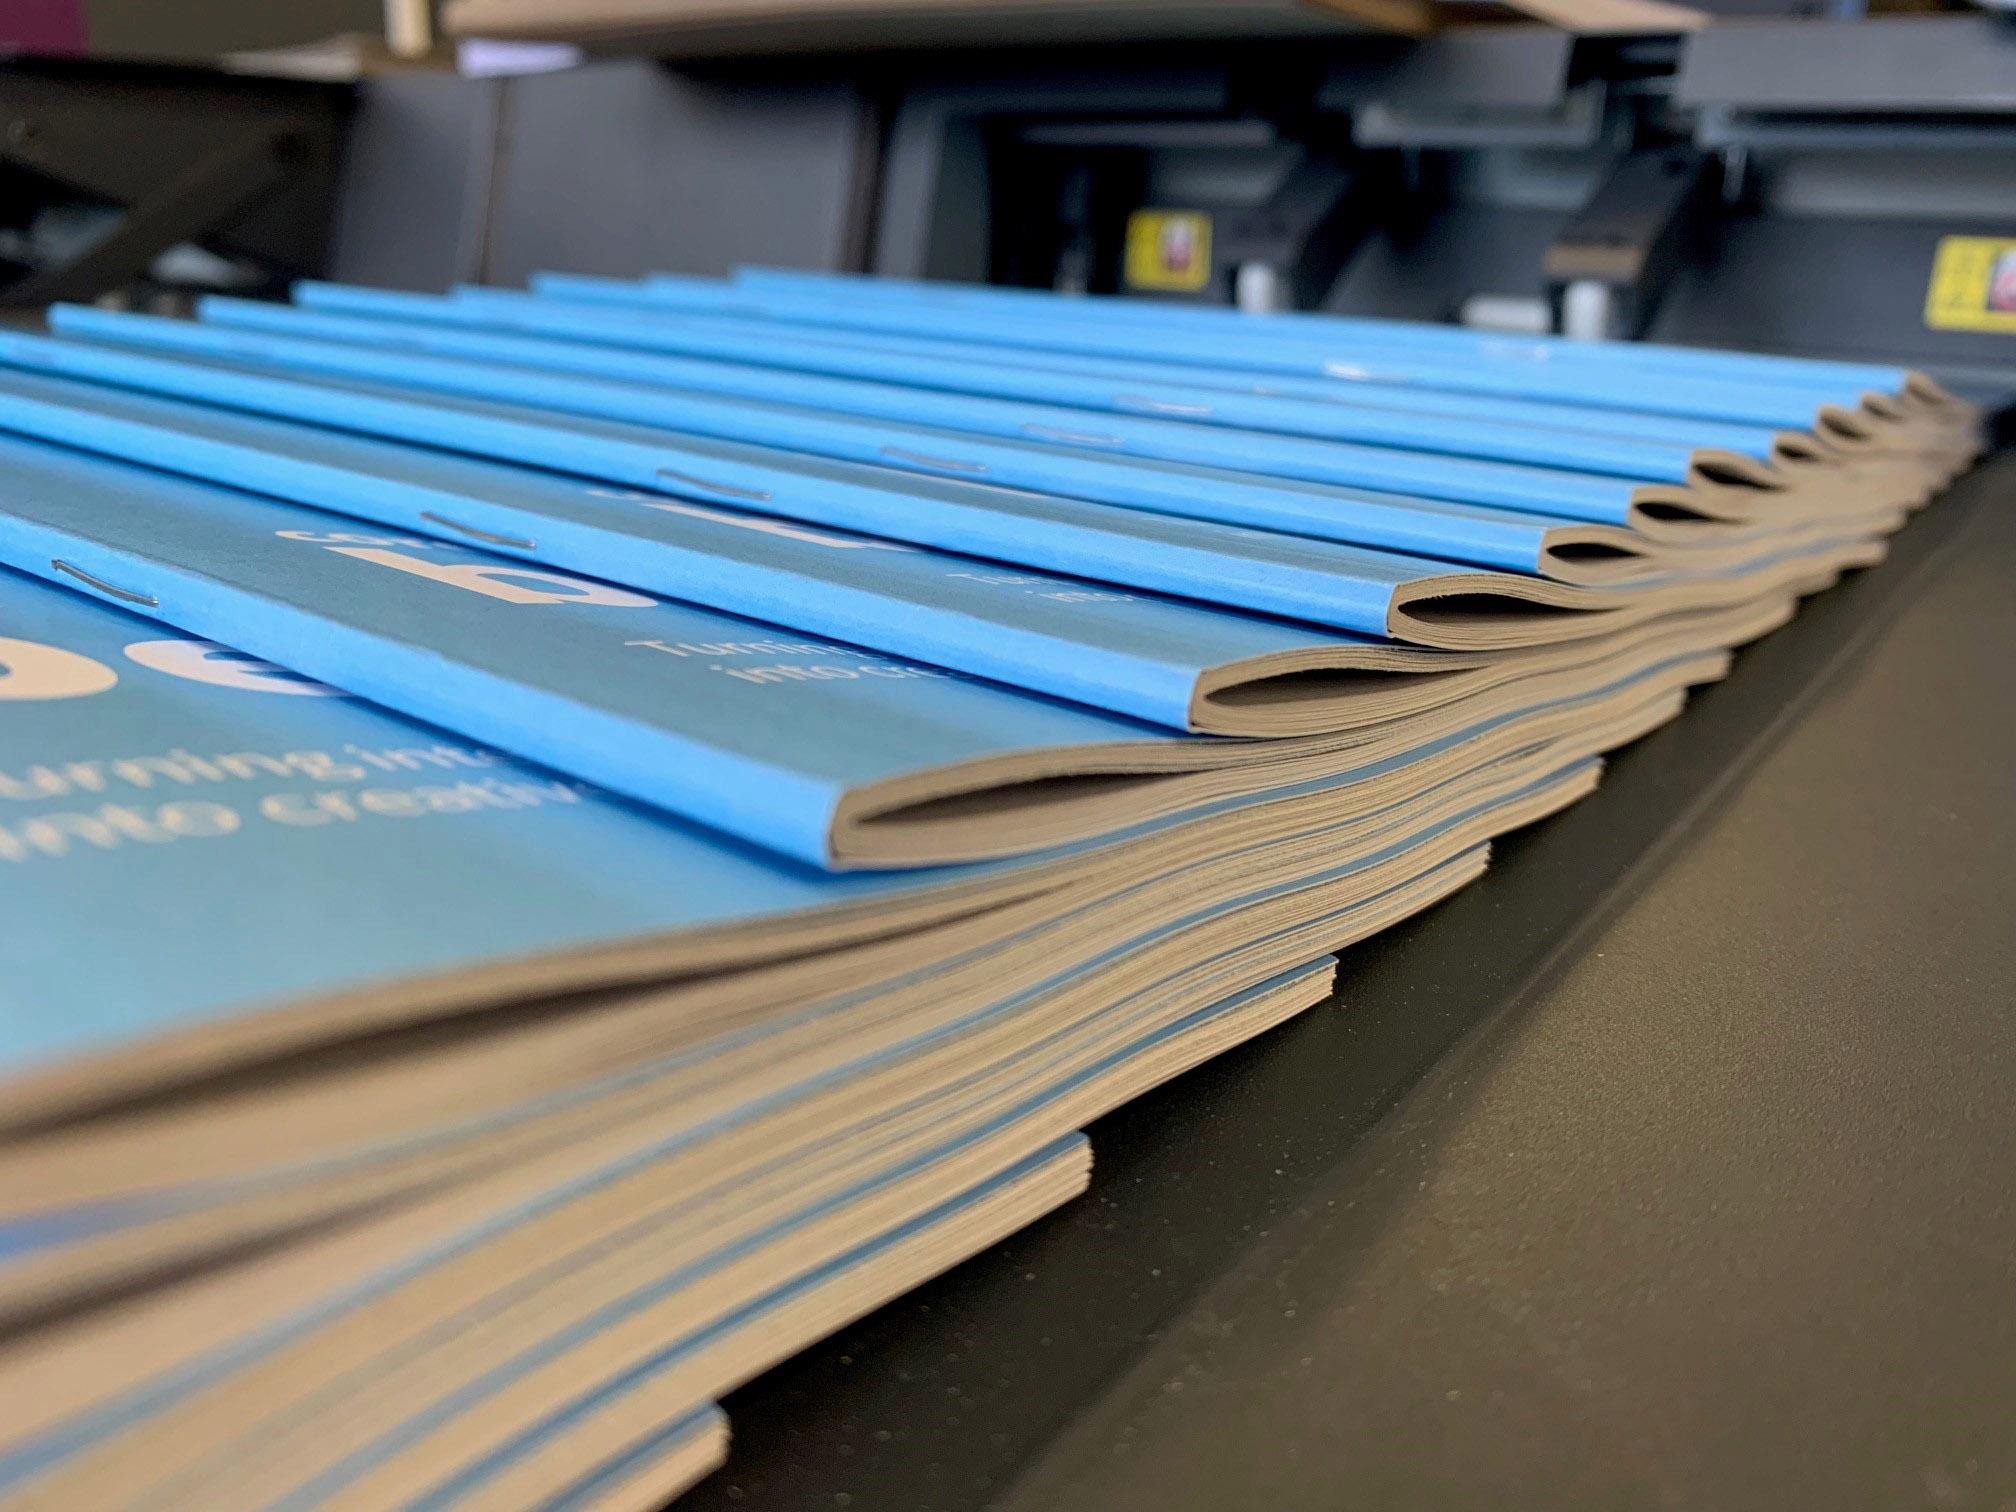 Saddle Stitched Booklets On Printer Conveyor Belt